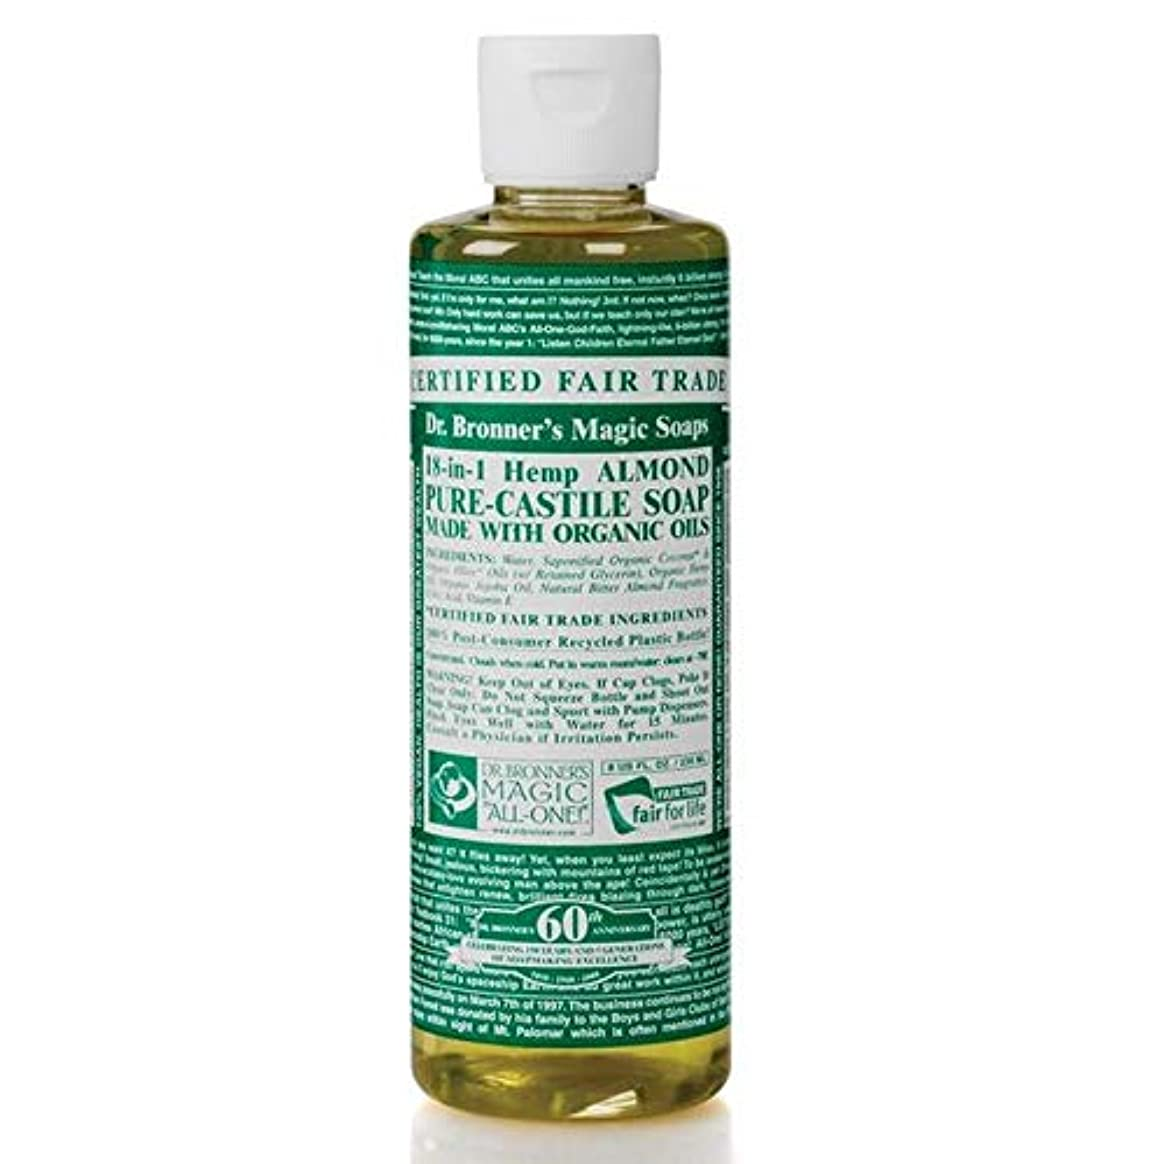 有毒ベリ振りかける[Dr Bronner] Dr。ブロナーズ有機アーモンドカスティーリャ液体石鹸473ミリリットル - Dr. Bronner's Organic Almond Castile Liquid Soap 473ml [並行輸入品]